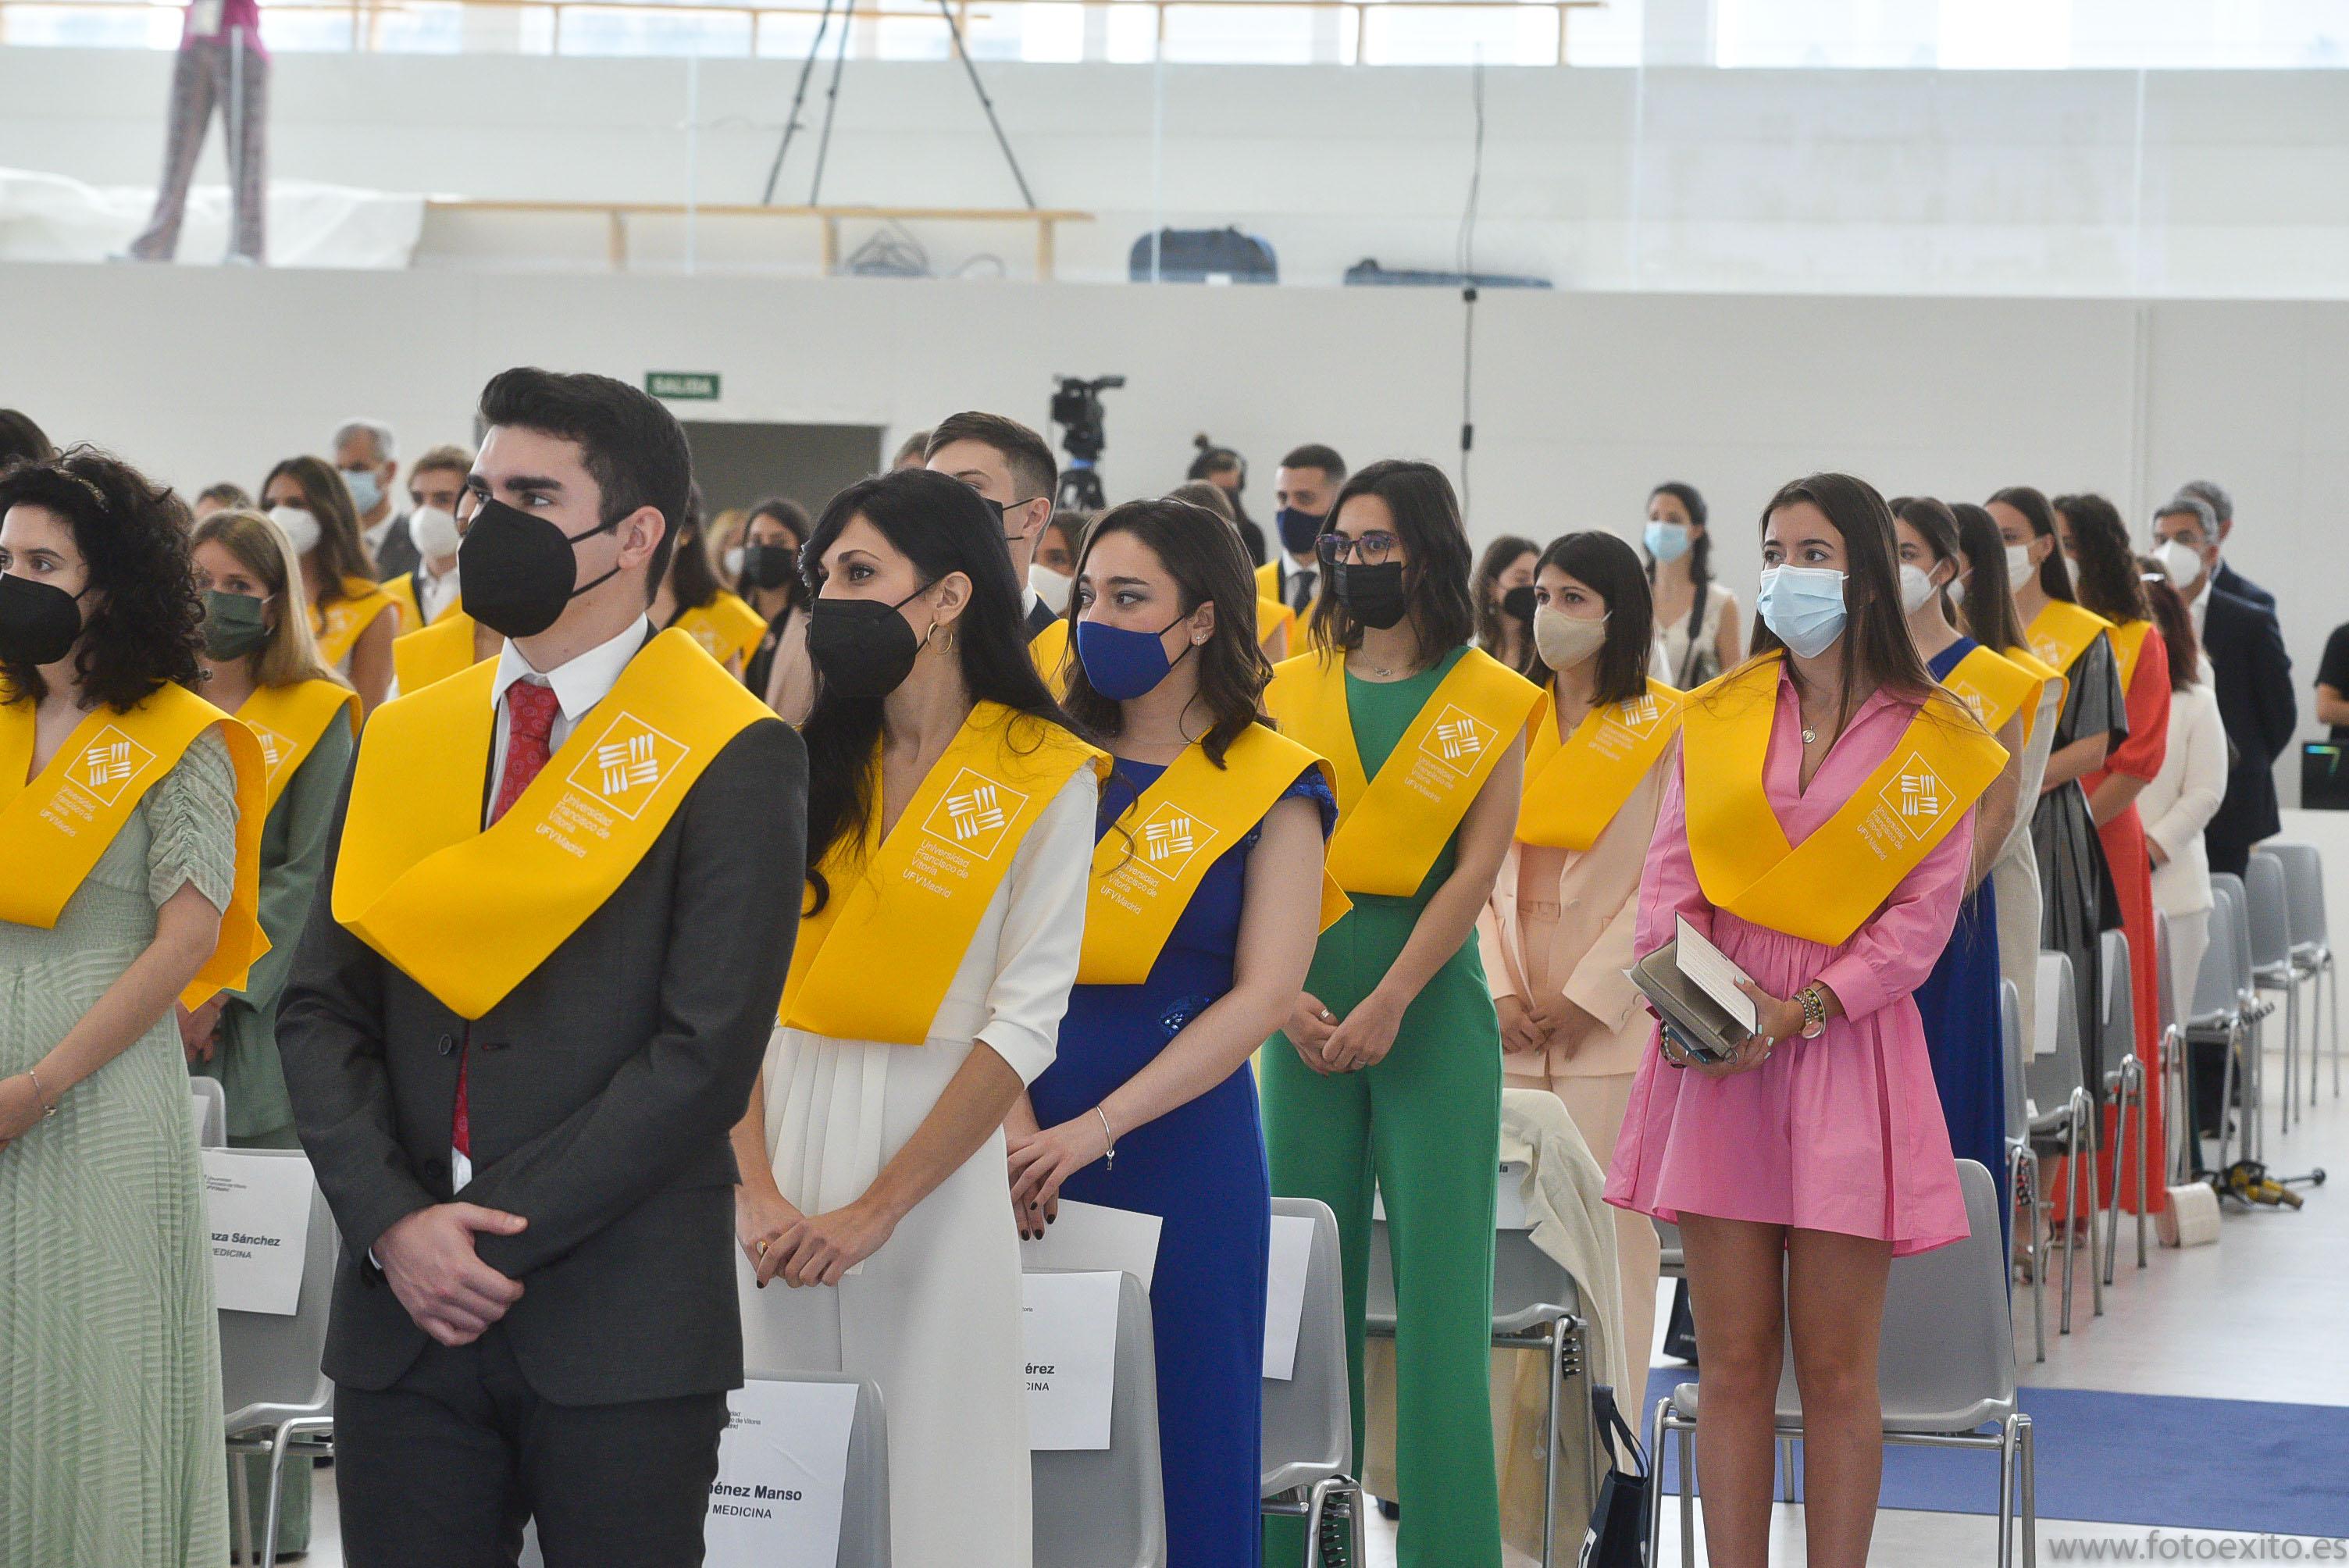 210605UFVAM 867 Actos académicos Estudiar en Universidad Privada Madrid